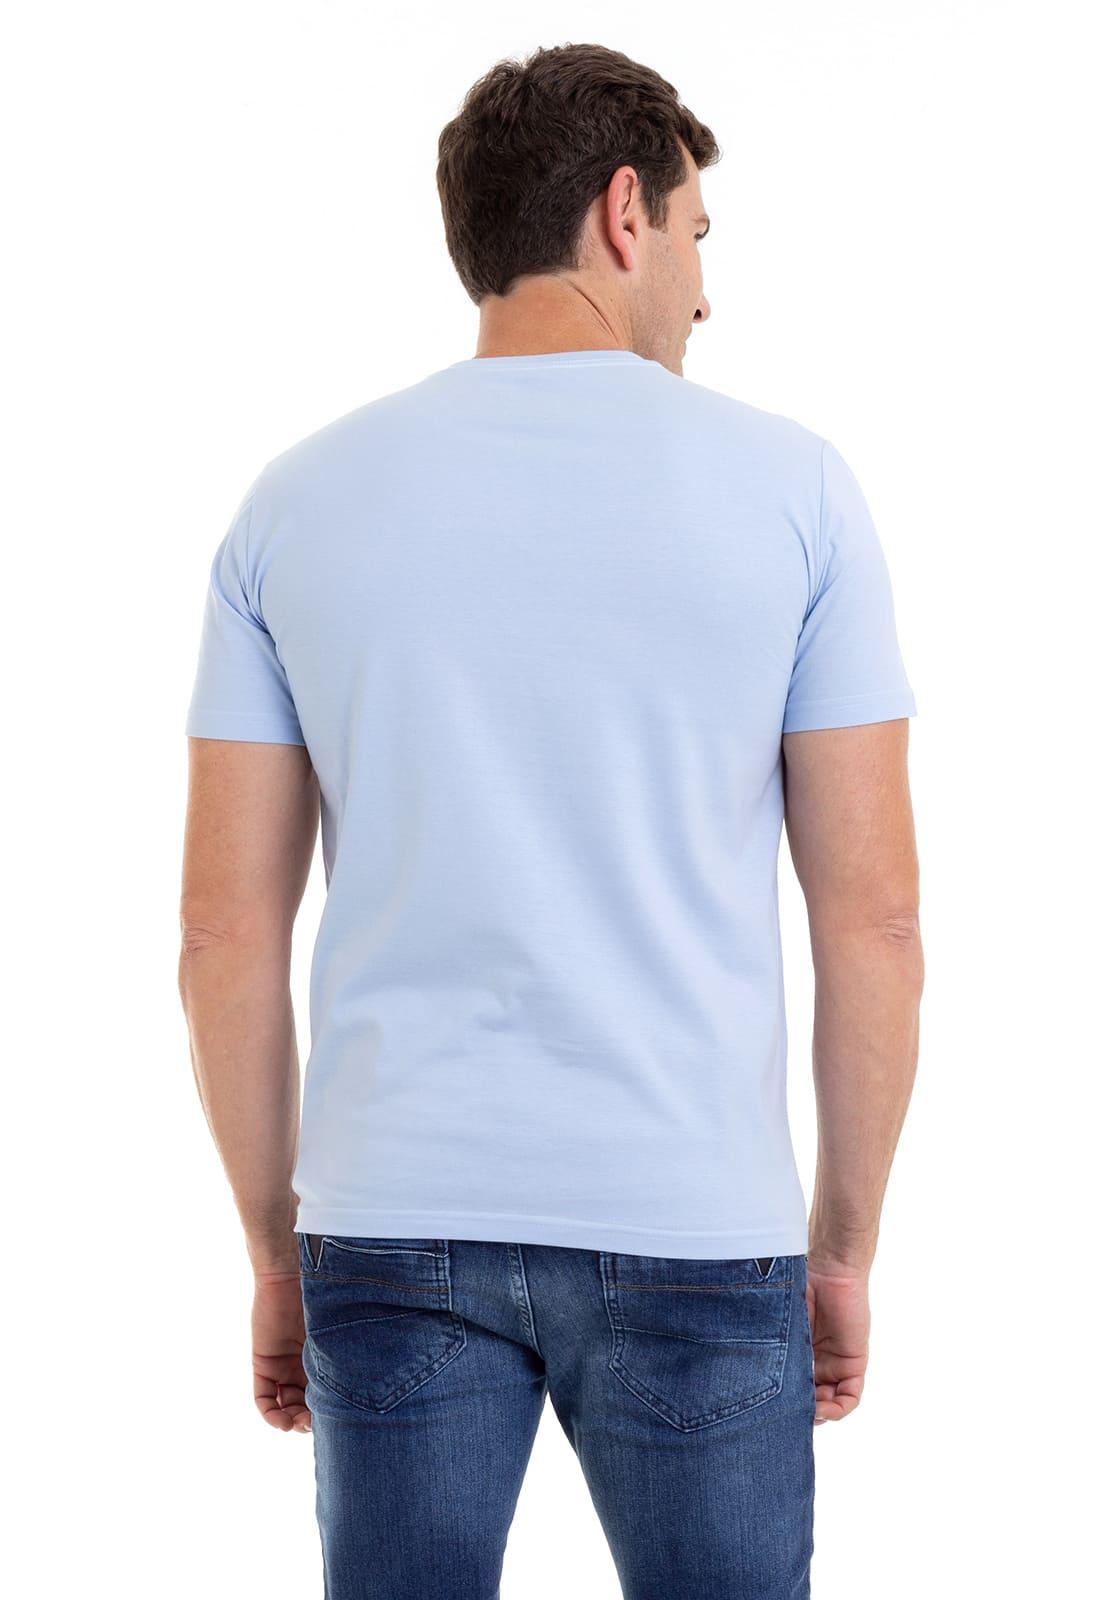 Camiseta Masculina 100% Algodão Super Premium, Na Cor Azul Claro